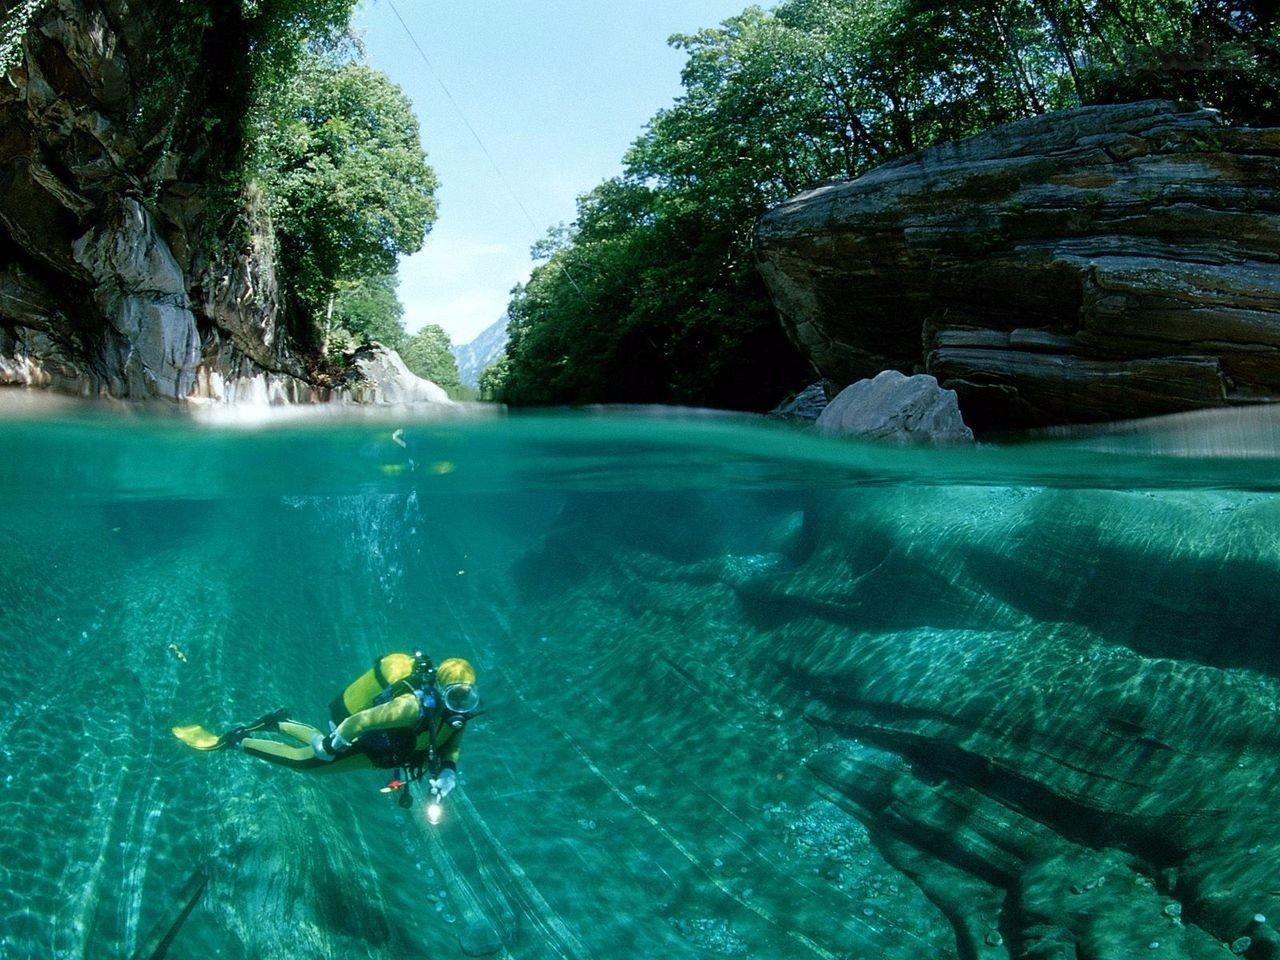 природа подводный мир красота природы реки озеро Швейцария озера путь